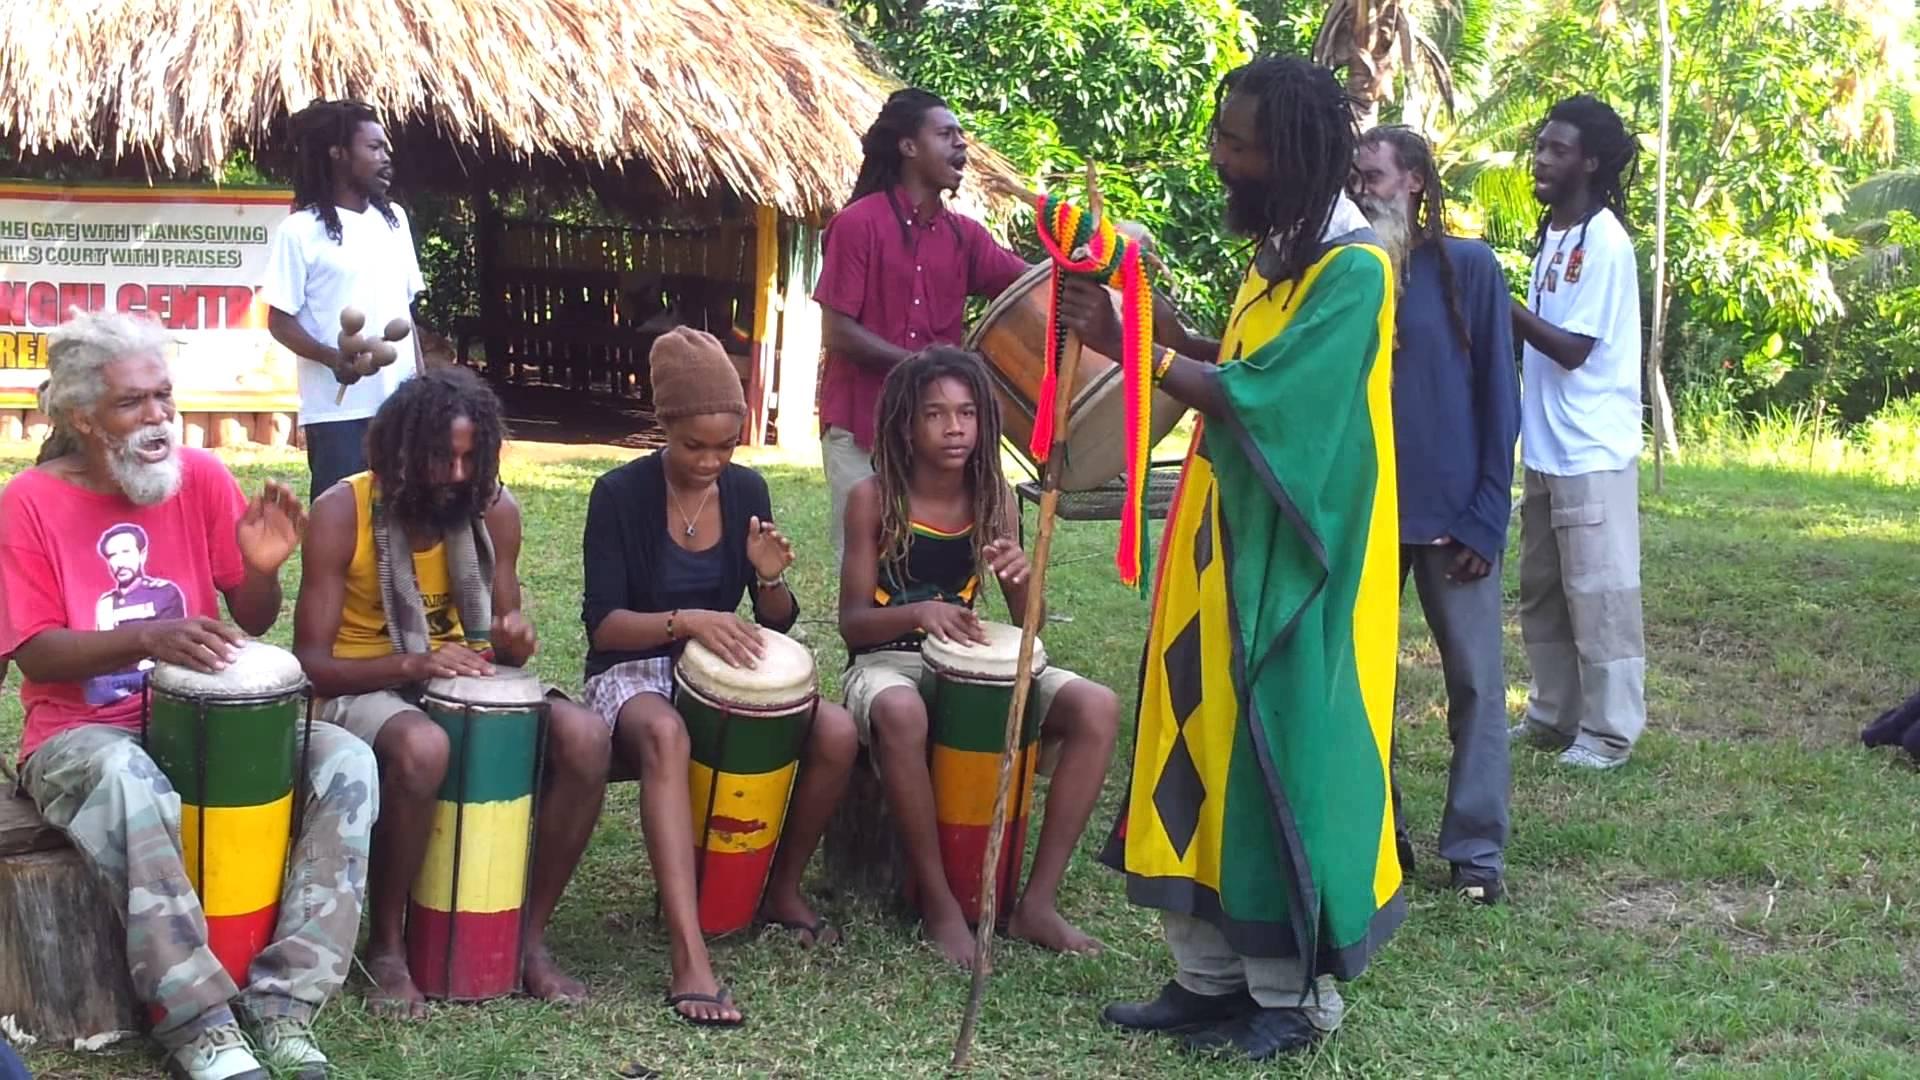 Nyabinghi rasta culture in new york